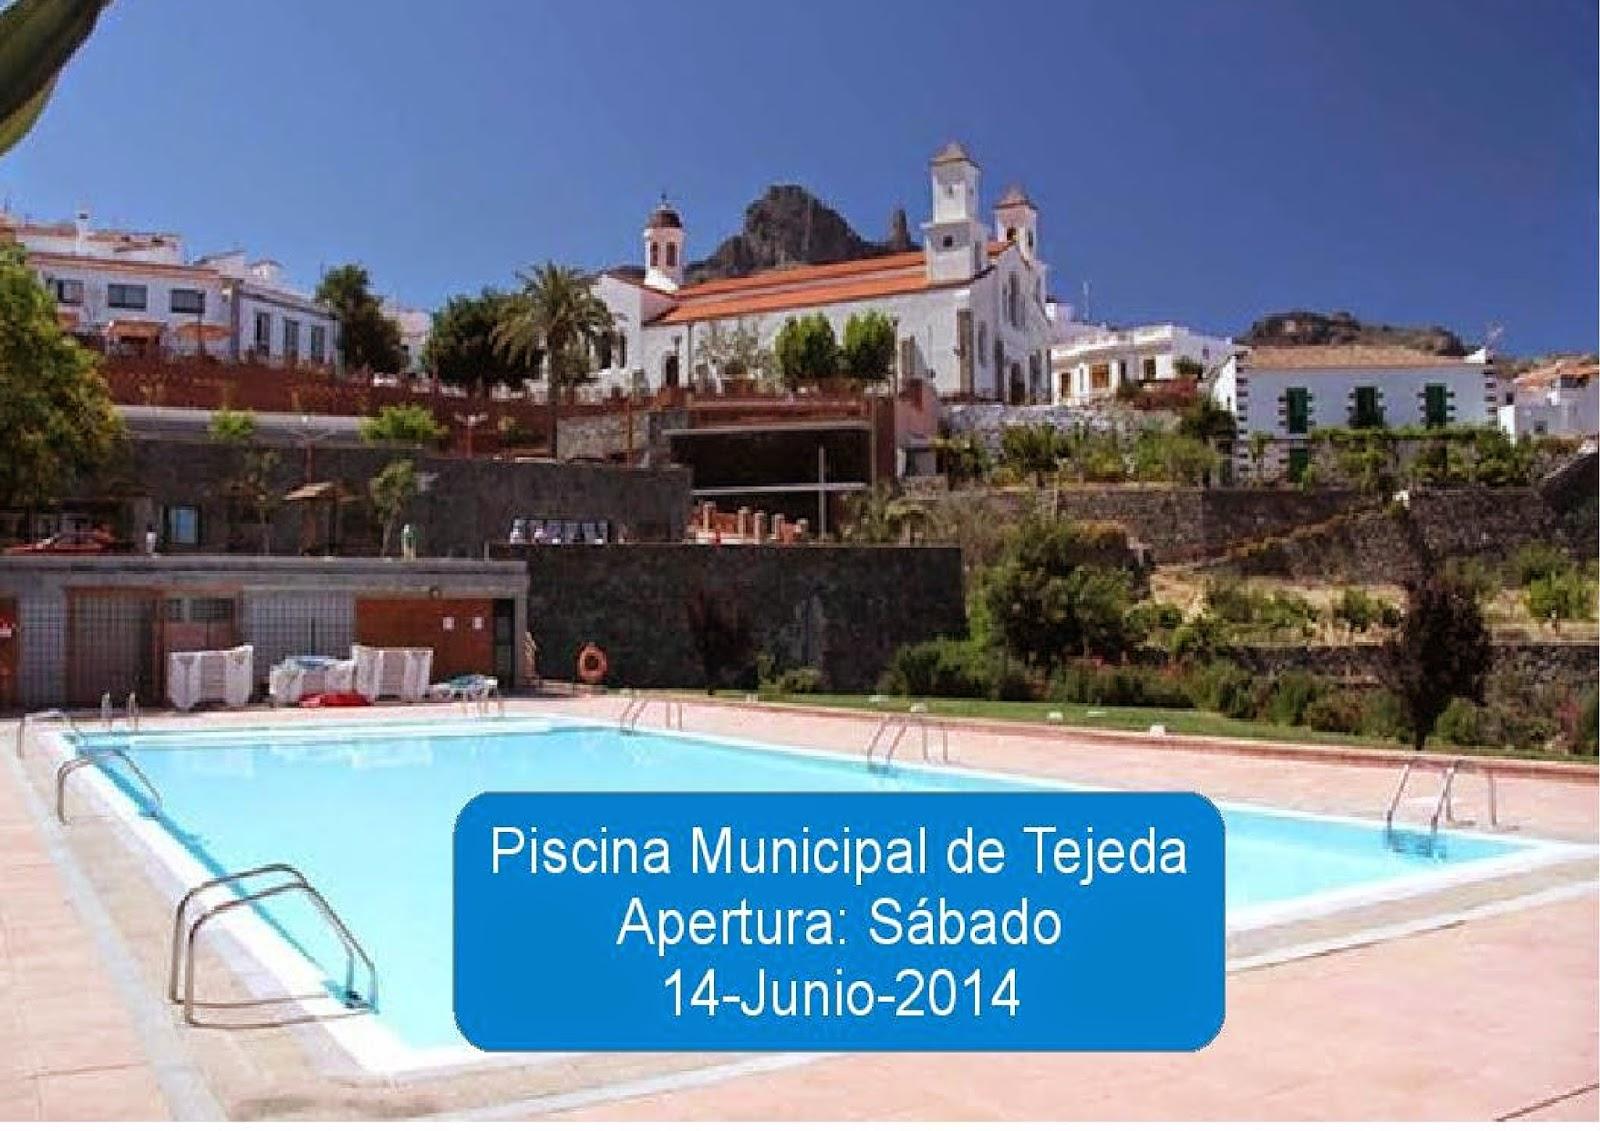 la piscina municipal de tejeda abrir a